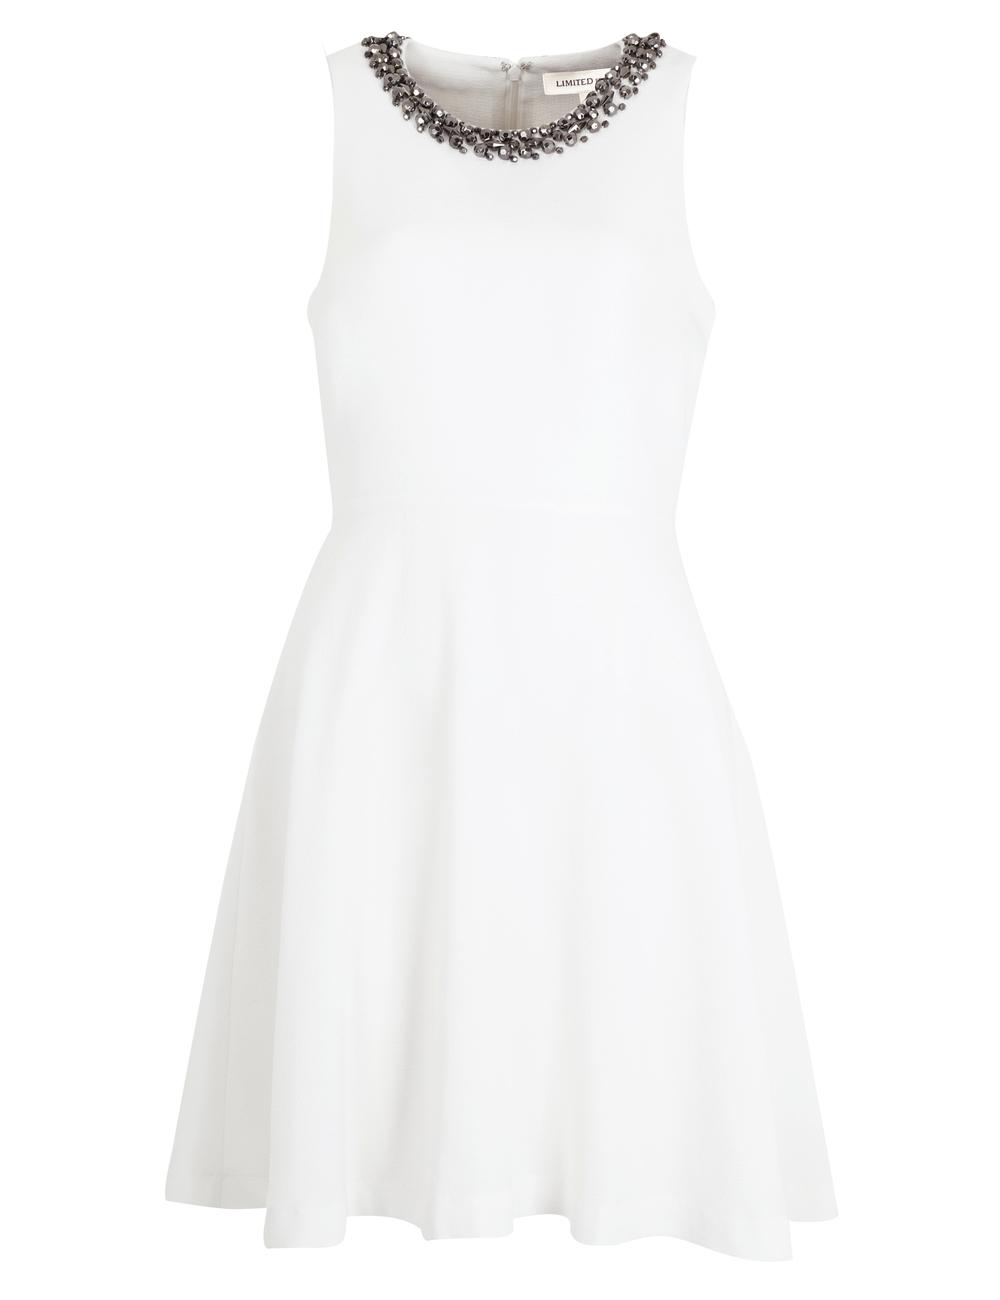 Limited Edition Dress Tμ59 T69 8102I.JPG